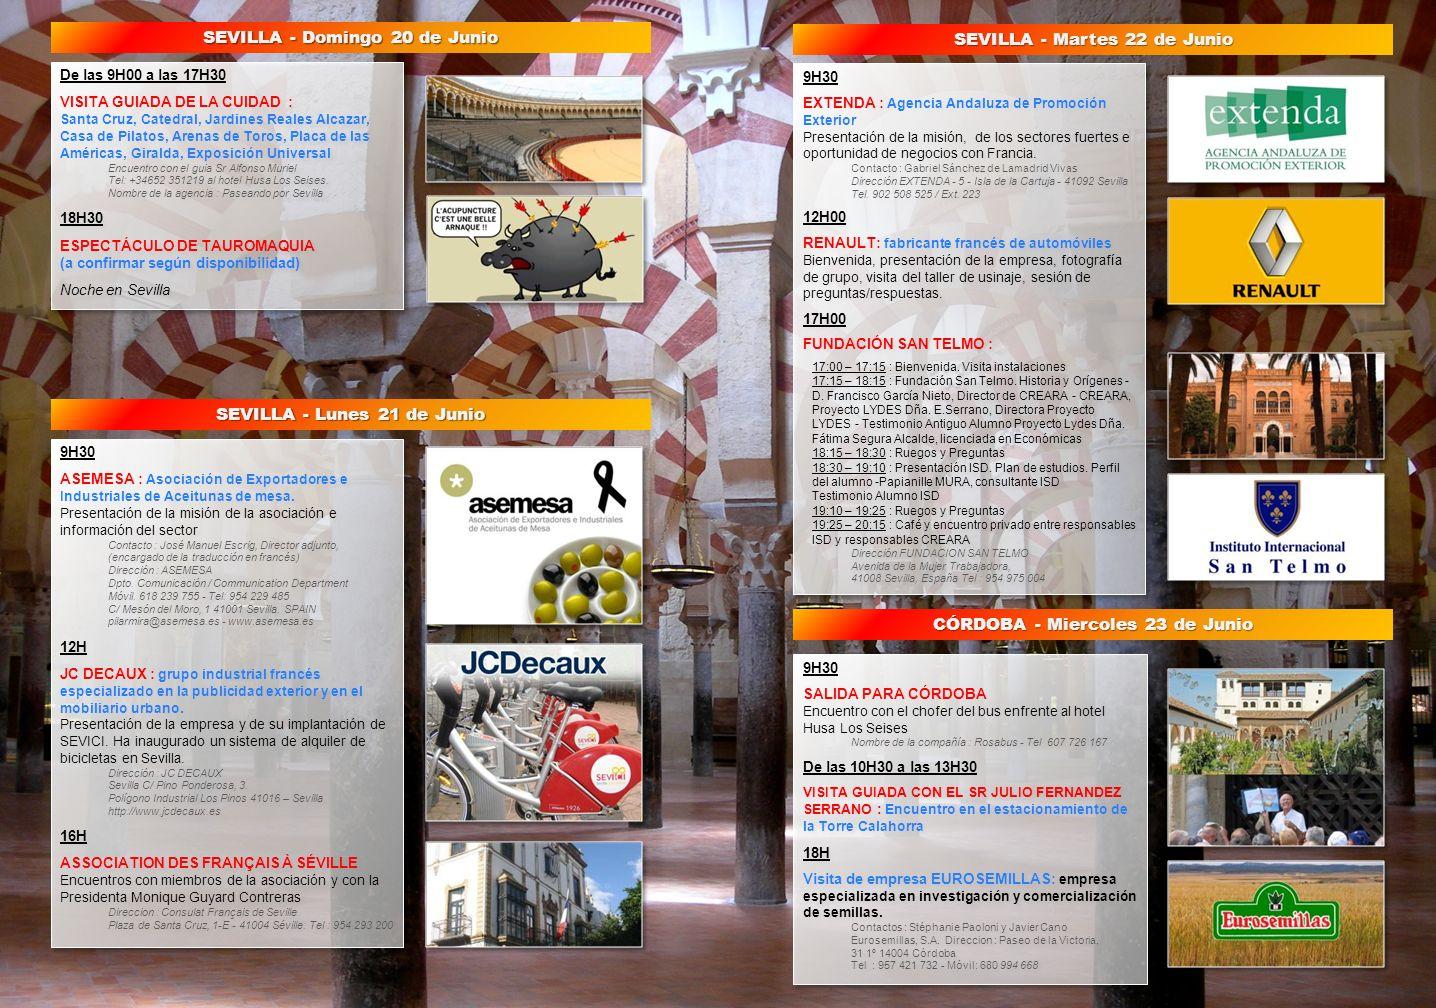 De las 9H00 a las 17H30 VISITA GUIADA DE LA CUIDAD : Santa Cruz, Catedral, Jardines Reales Alcazar, Casa de Pilatos, Arenas de Toros, Placa de las Amé